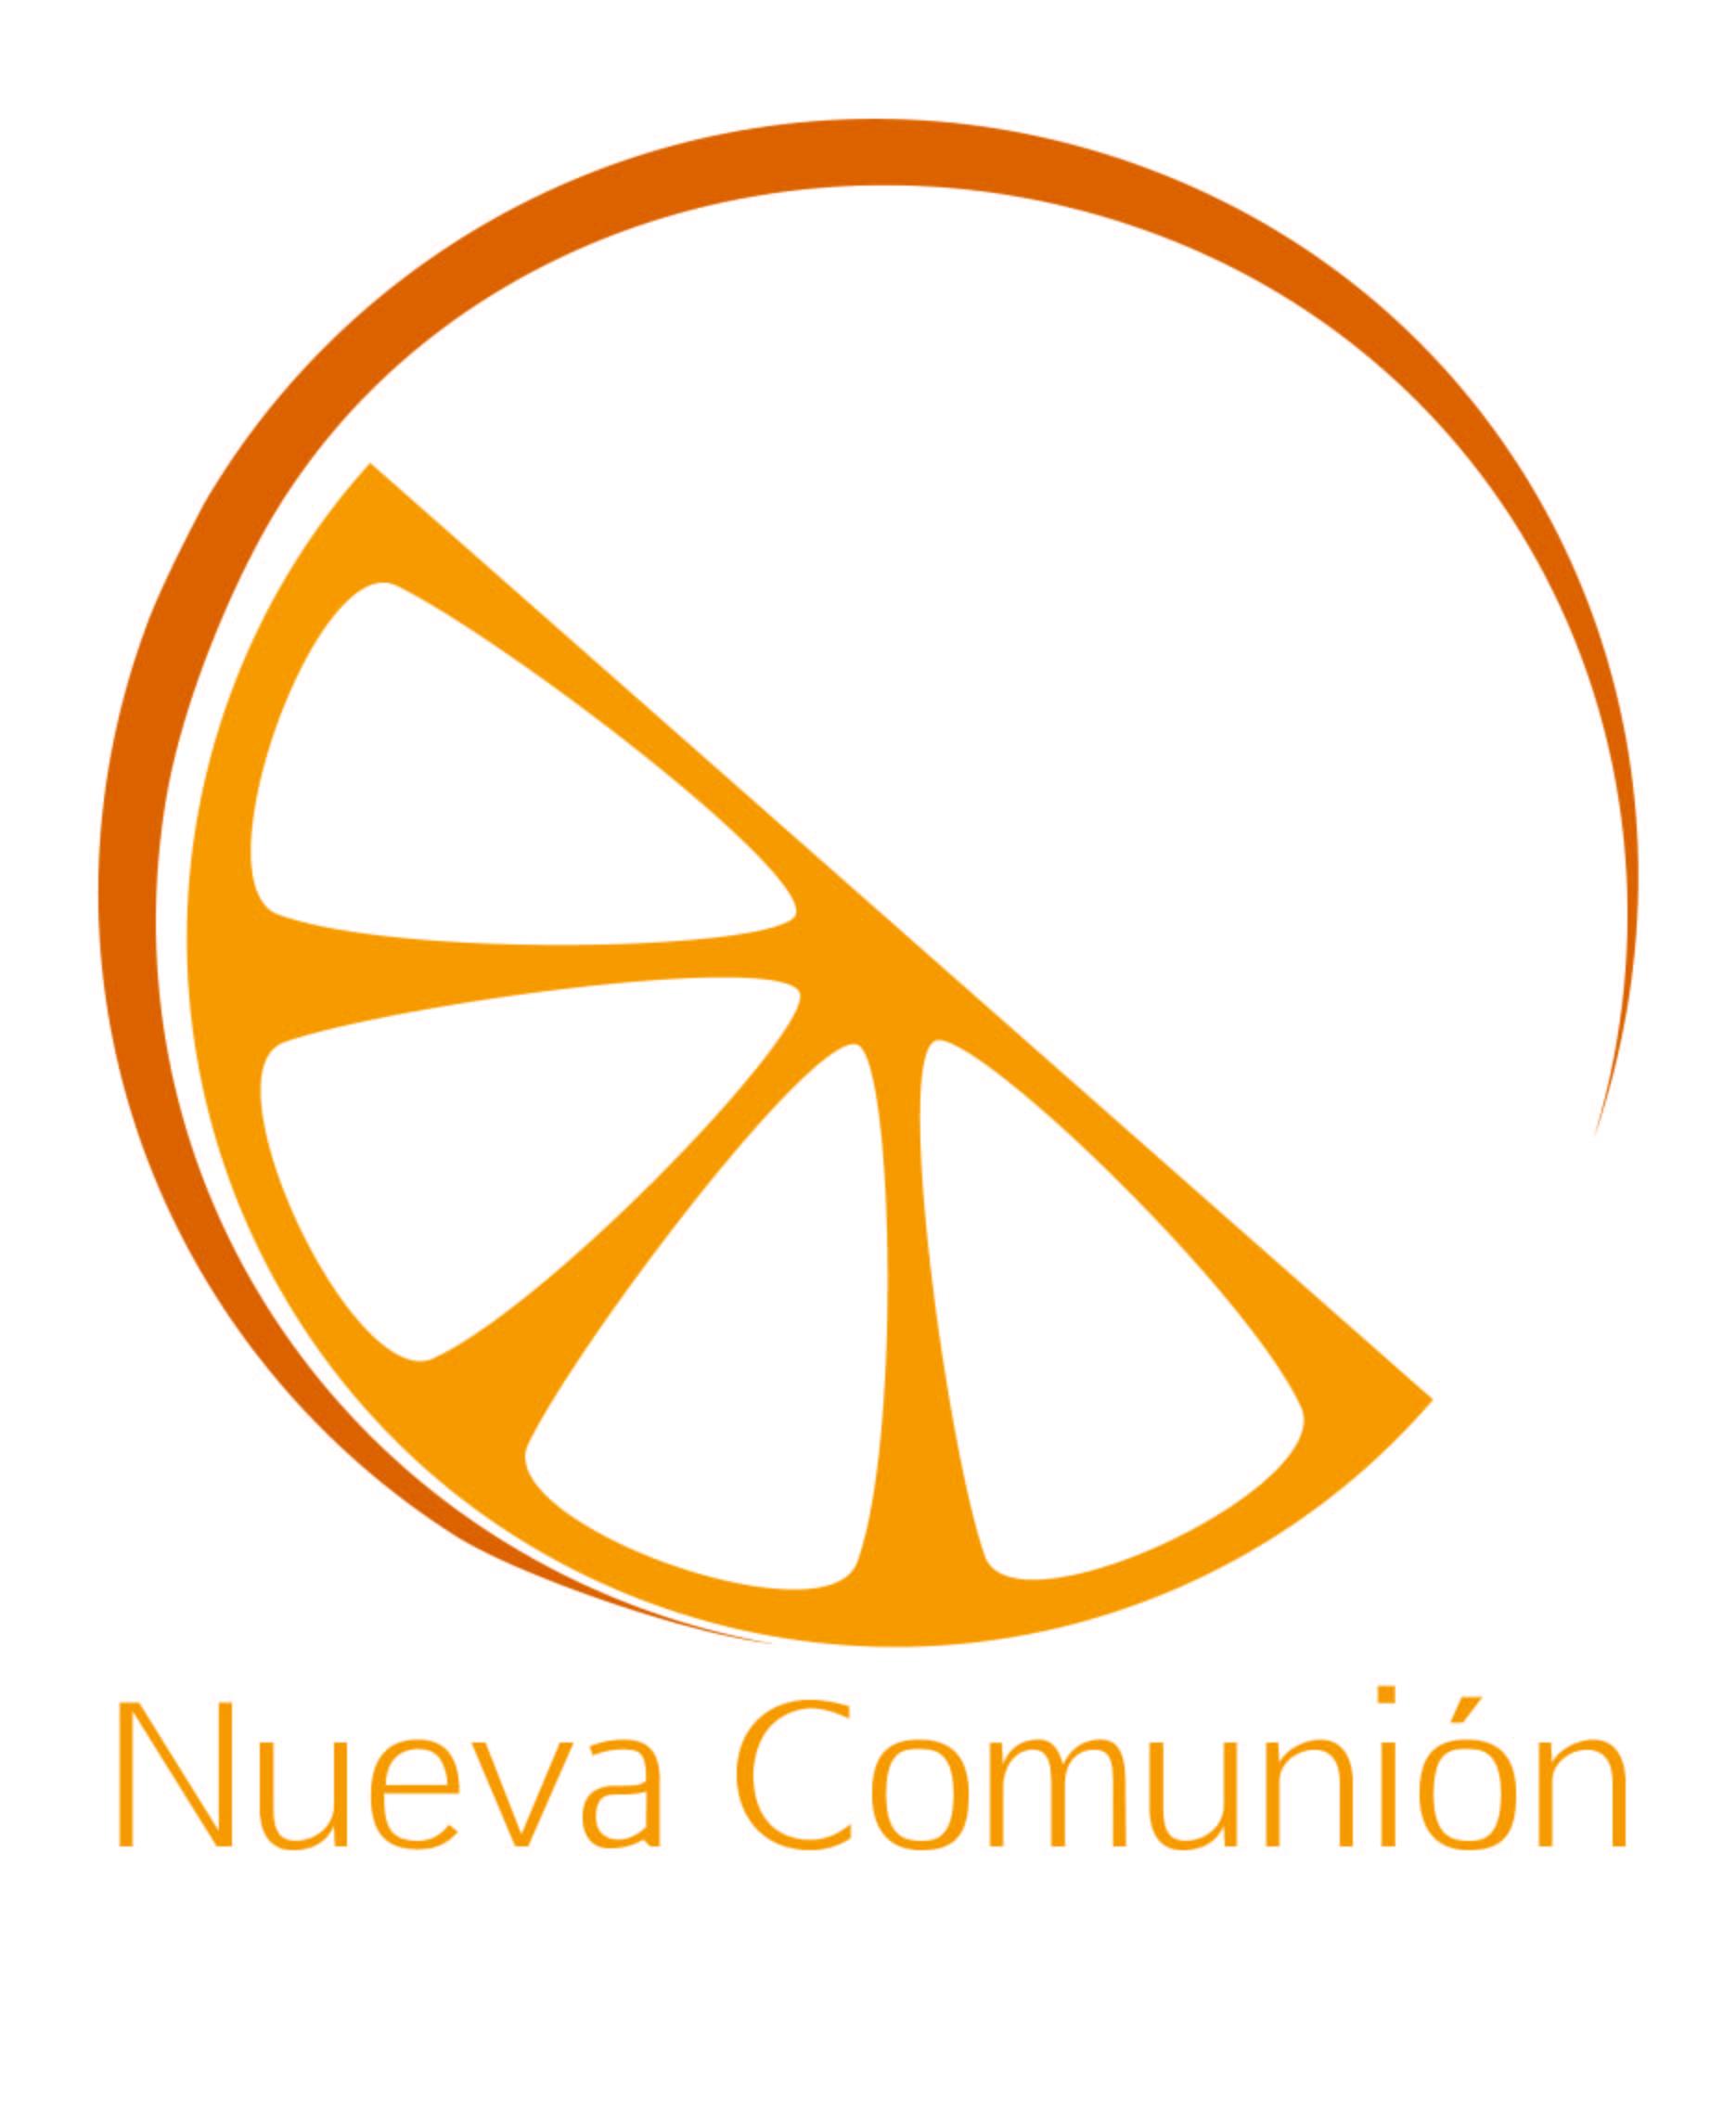 logo_spanish-05